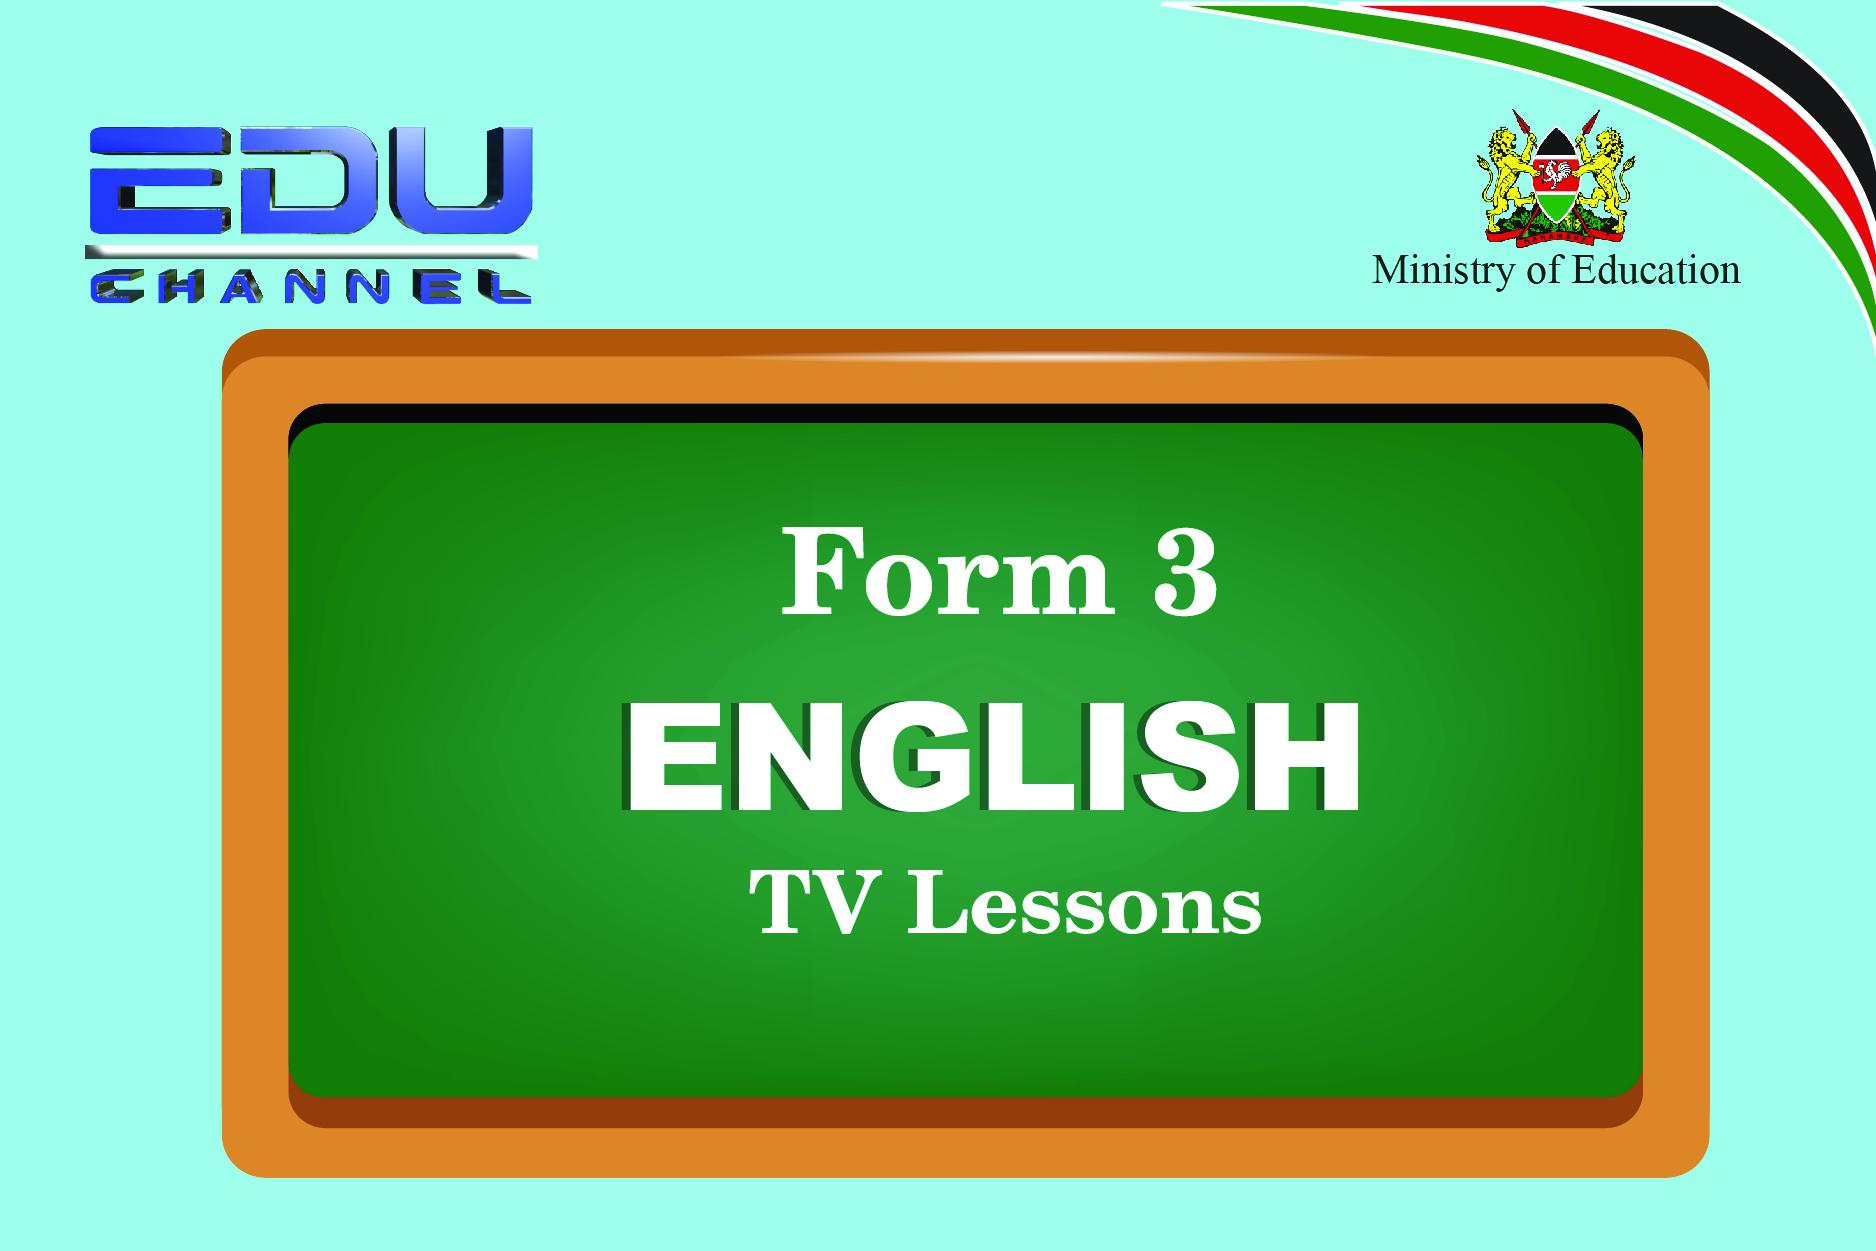 Form 3 English Lesson 1: Case in pronouns